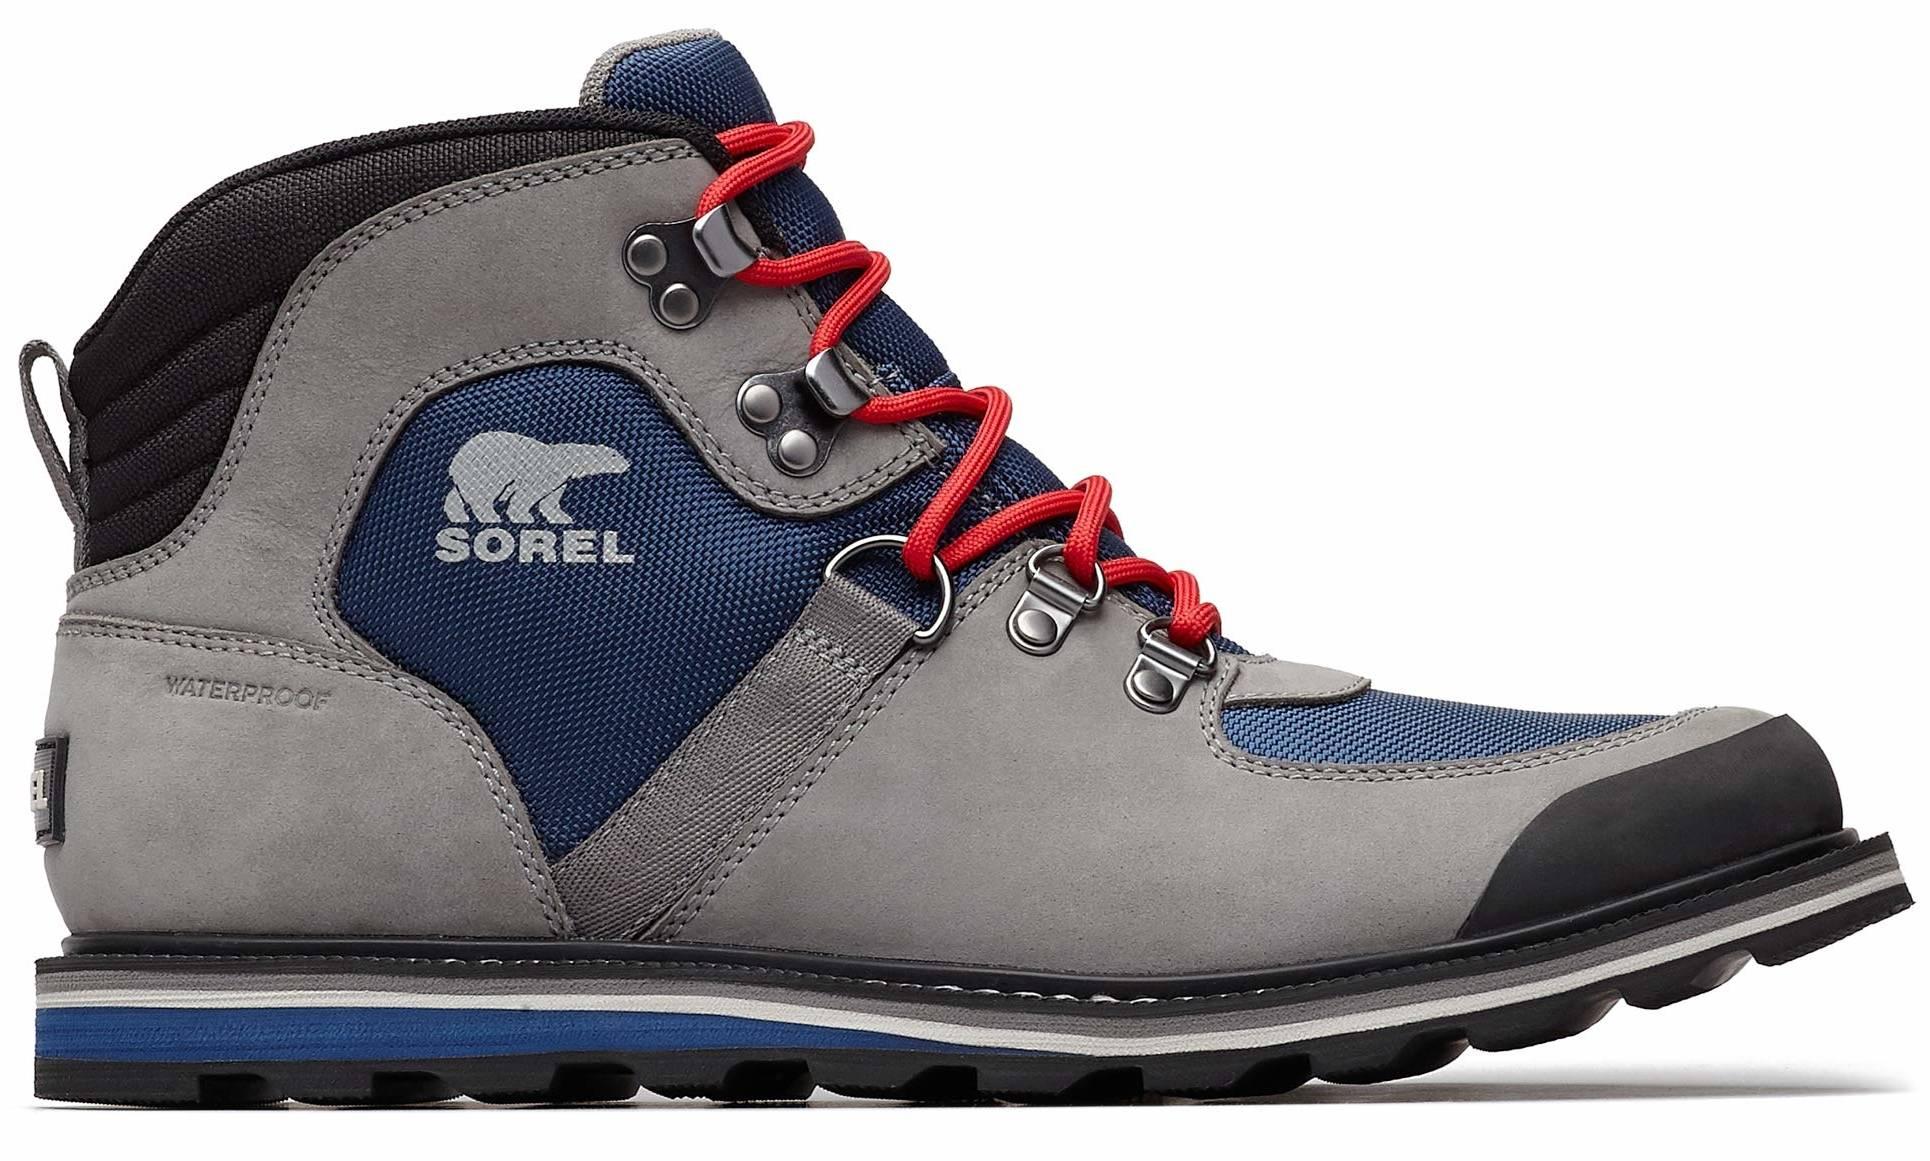 Sorel Madson Sport Hiker